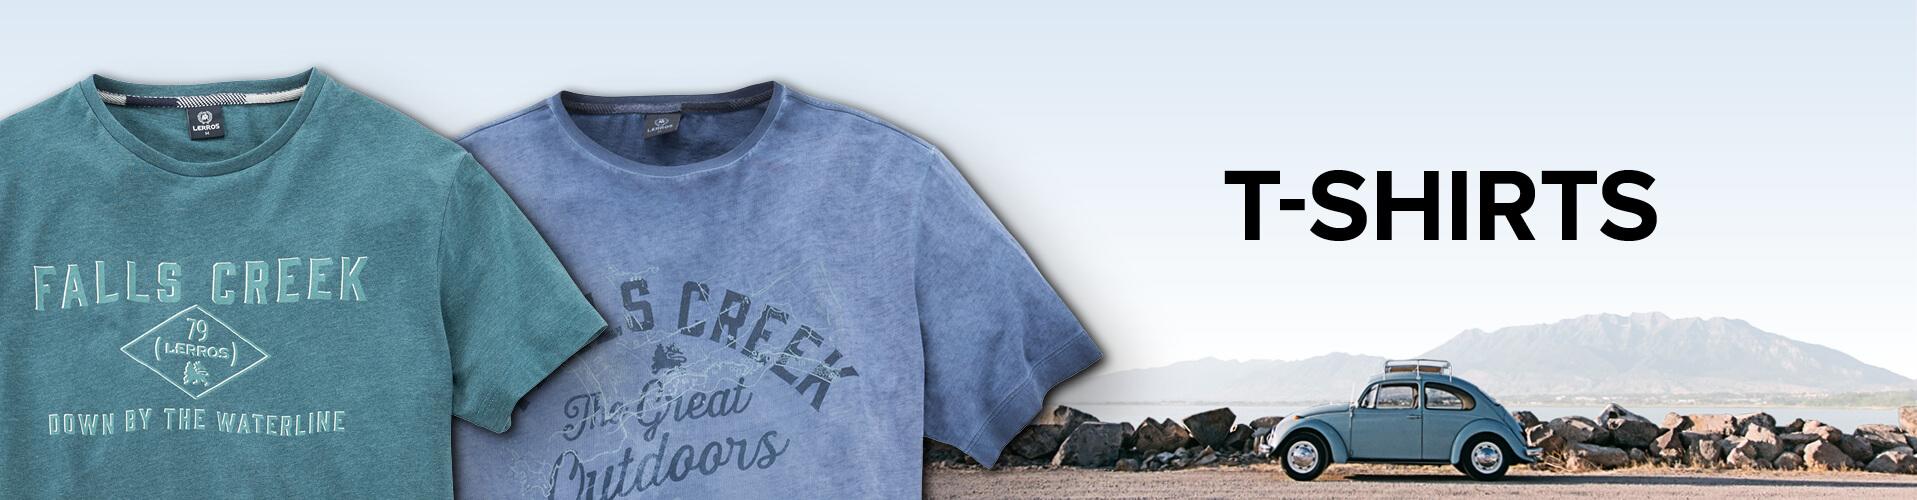 Schmuckbild T-Shirts